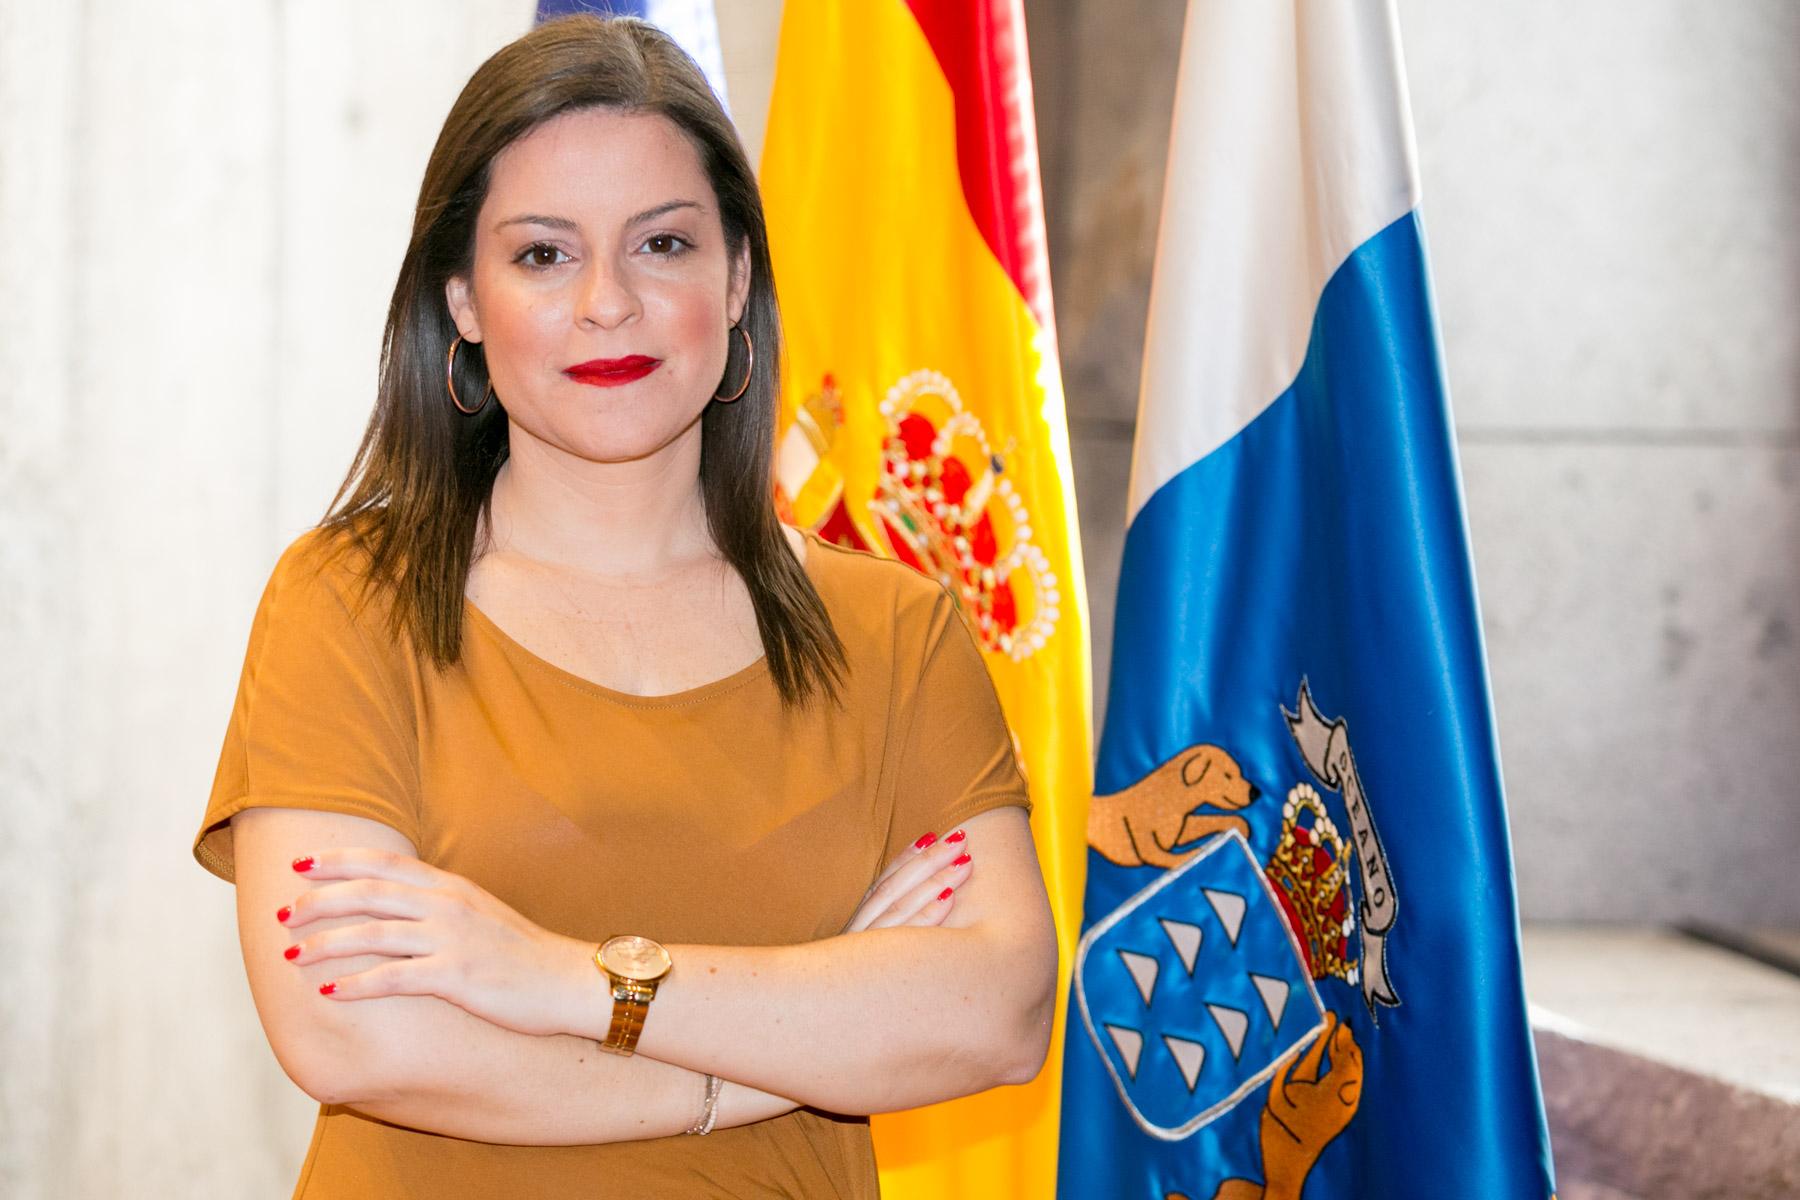 La consejera Yaiza Castilla.